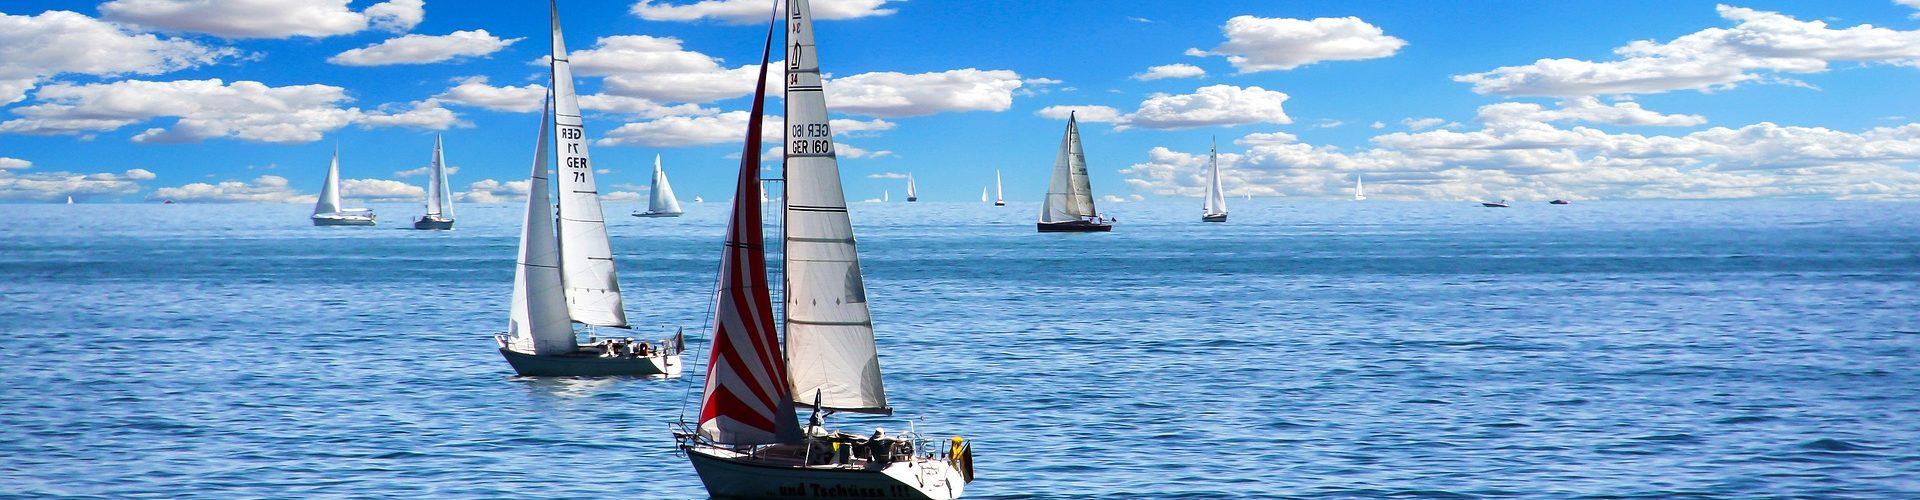 segeln lernen in Goldbach segelschein machen in Goldbach 1920x500 - Segeln lernen in Goldbach